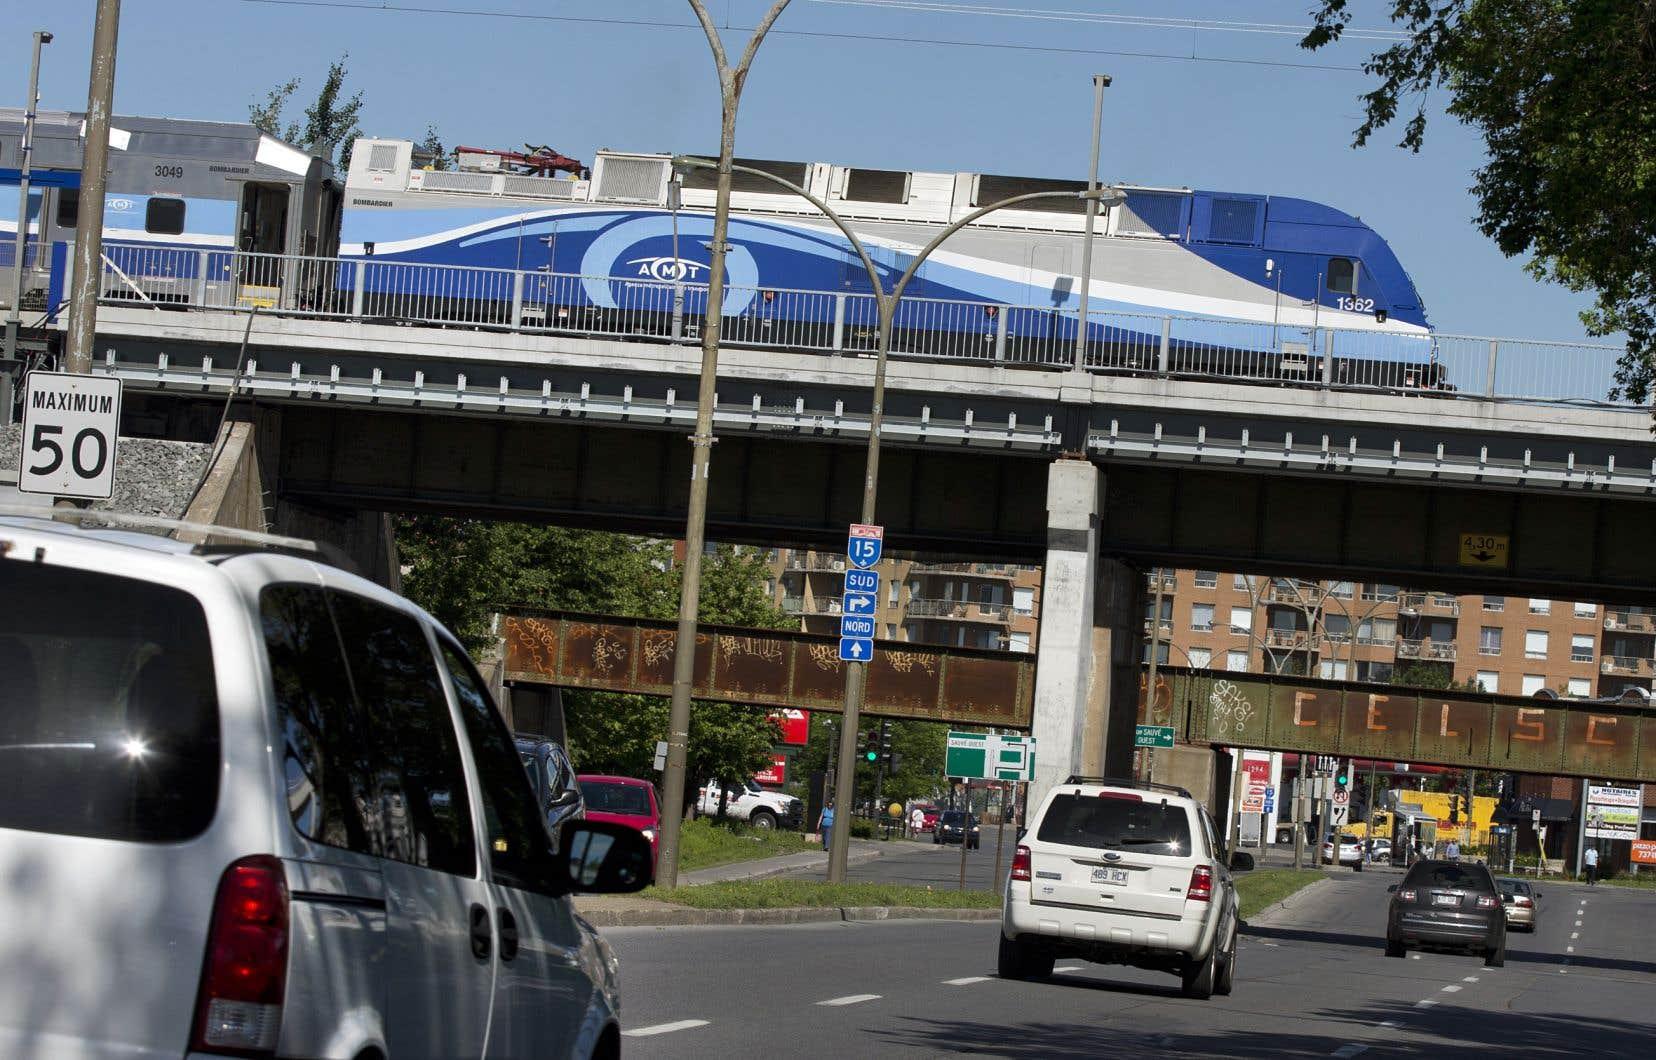 Covoiturage Montreal Quebec >> Transport durable: Montréal traîne derrière Toronto et ...